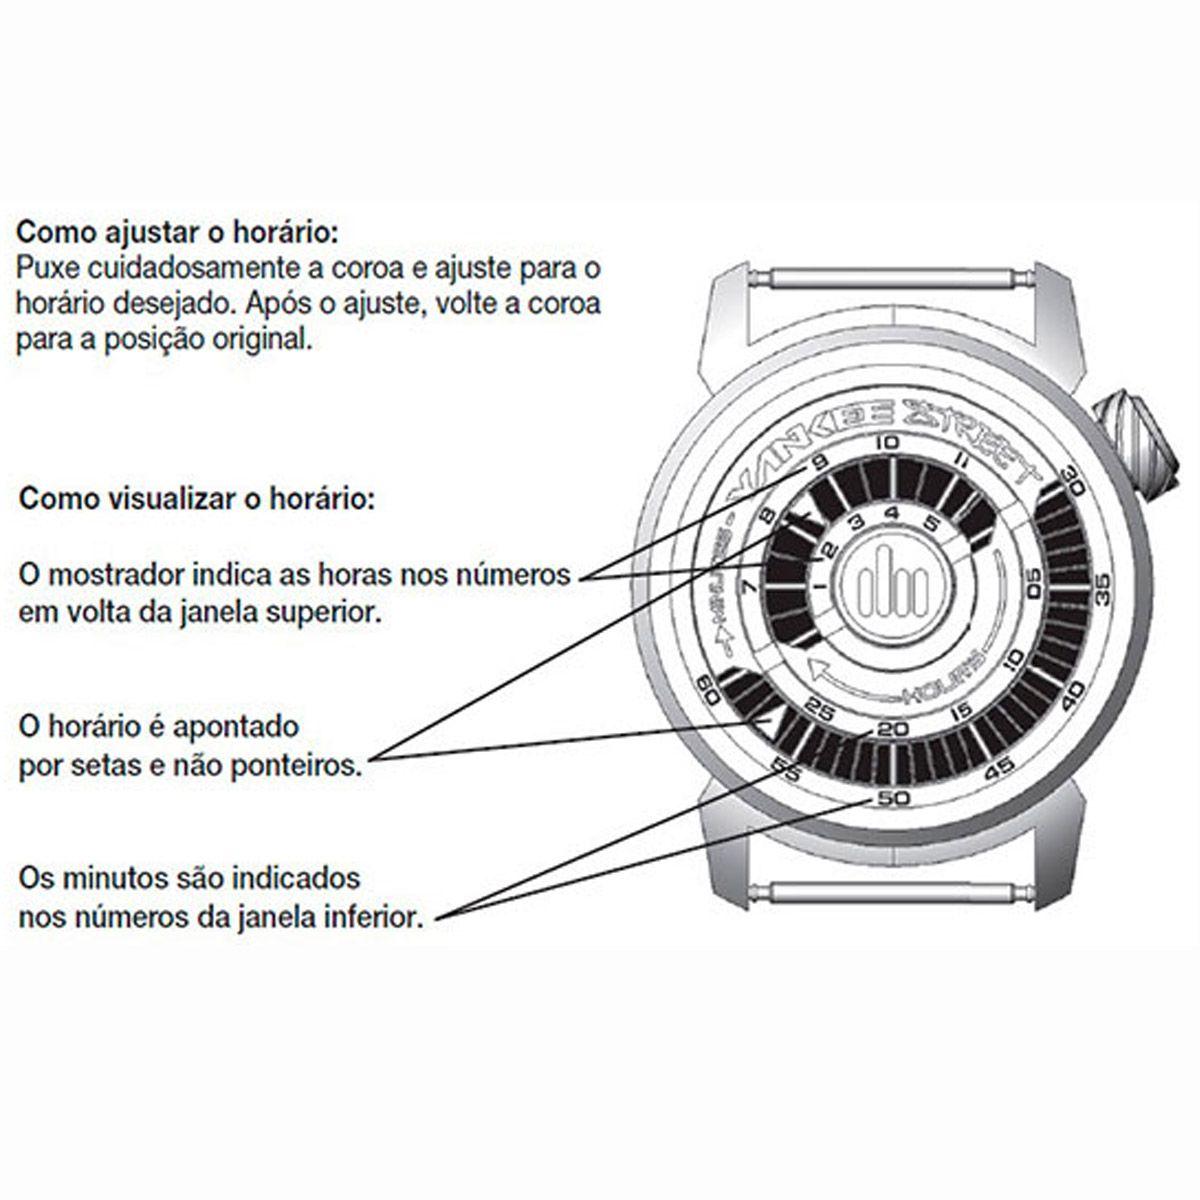 Relógio de Pulso Masculino Urban YS30176V